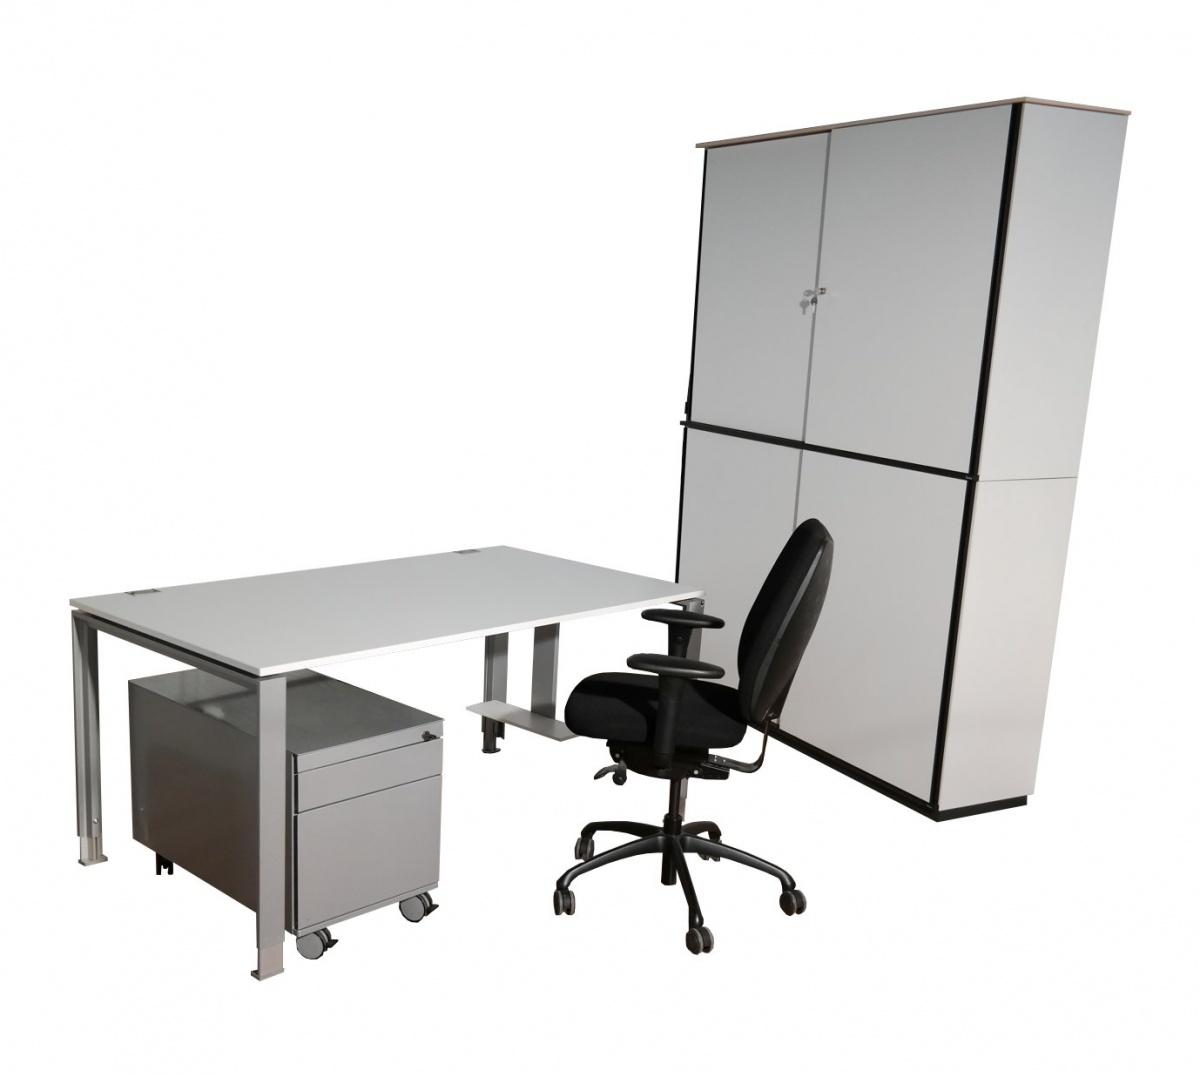 Vermietung von Schreibtischen, Bürostühlen, Büroschränken uvm.